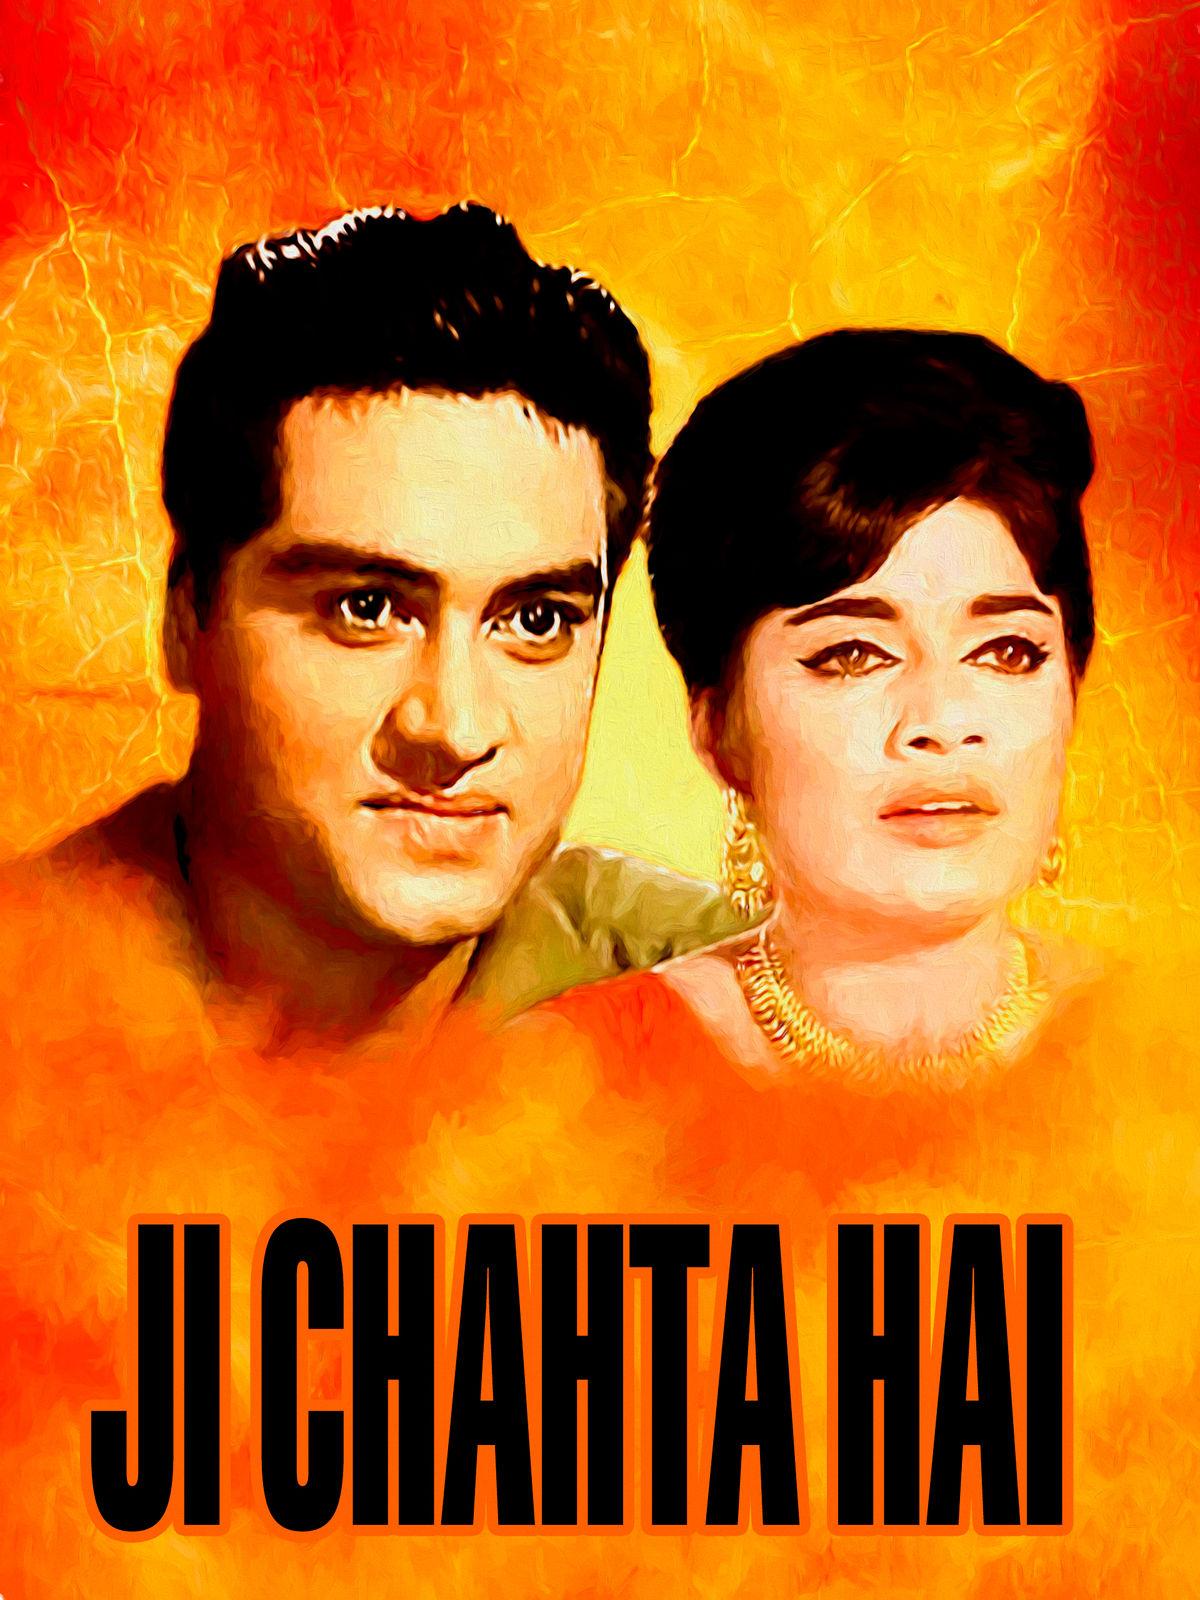 Ji Chahta Hai